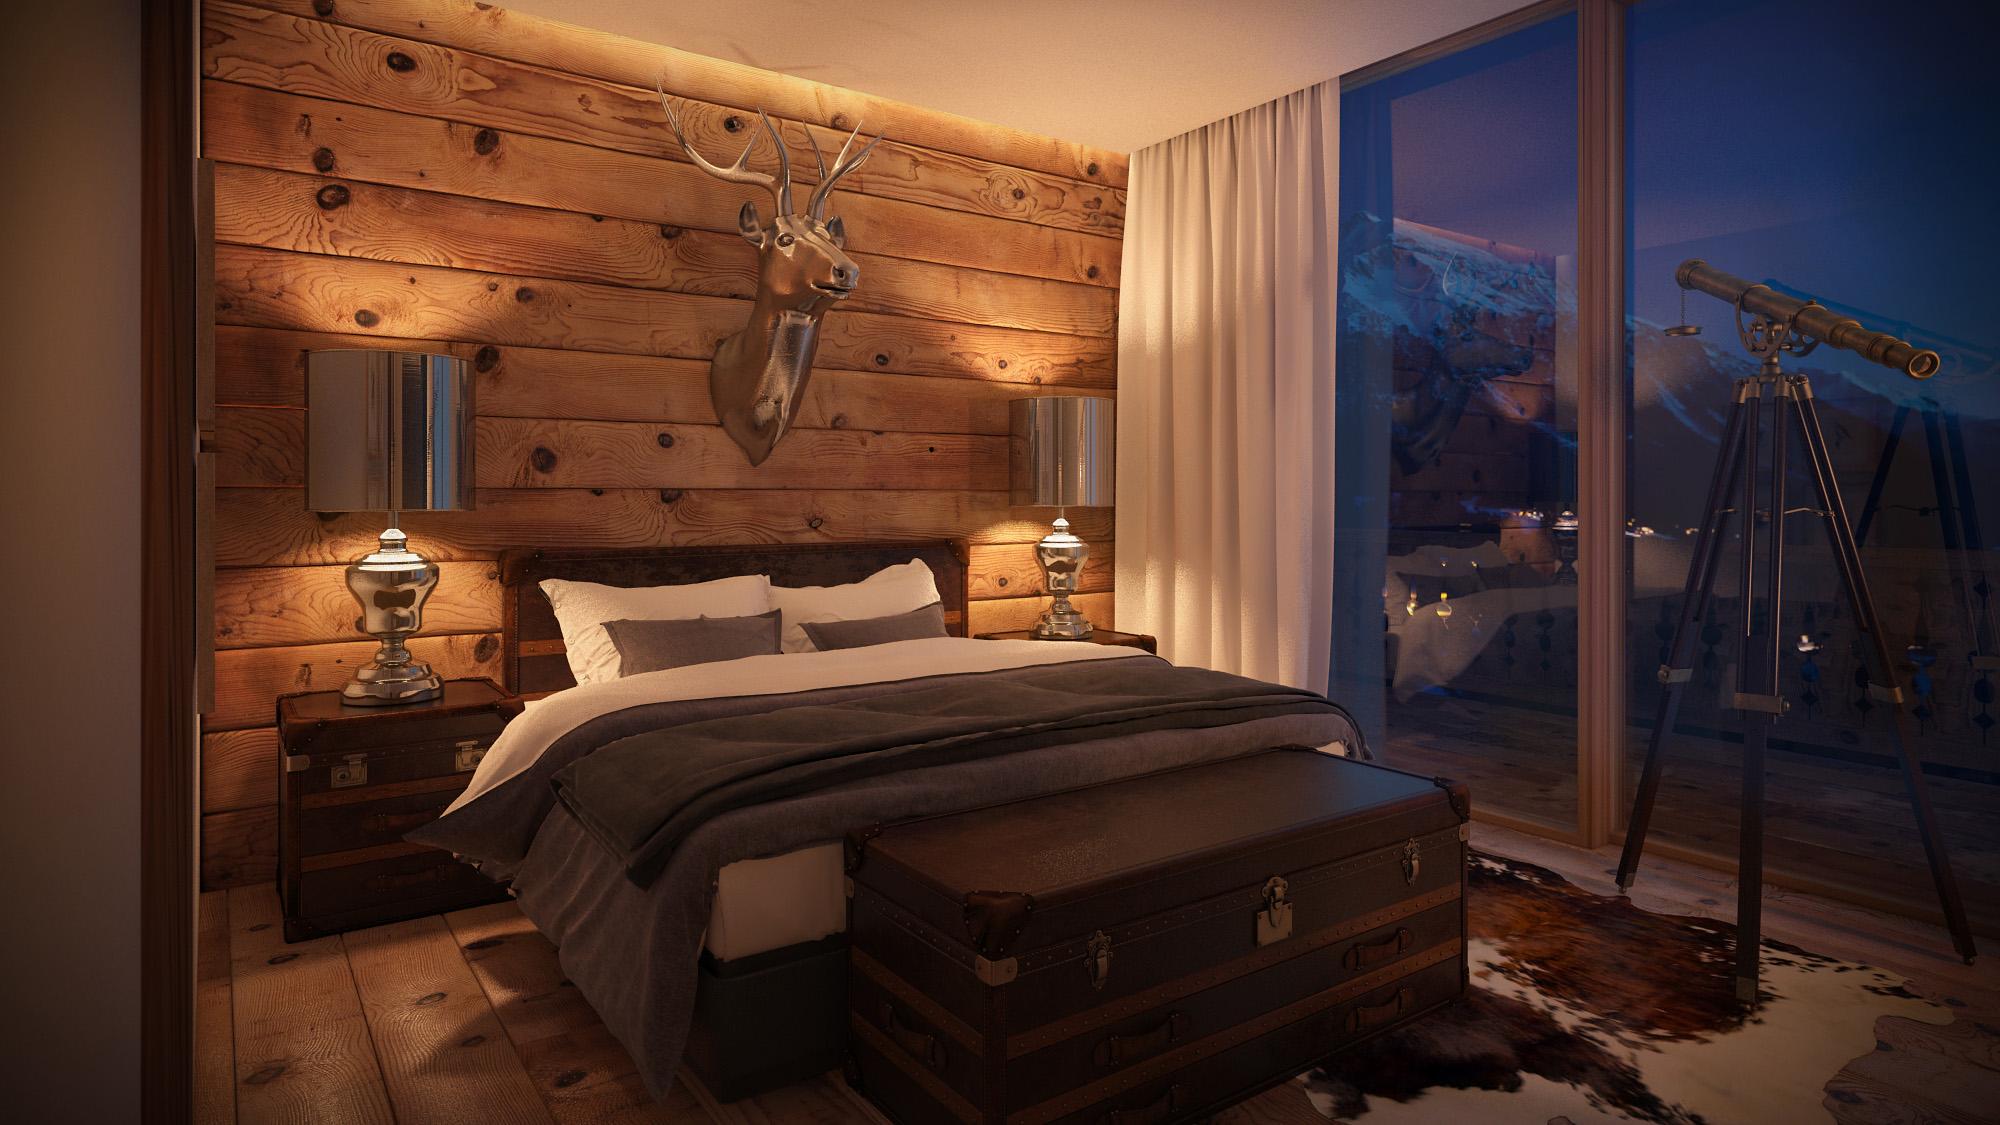 Hotelzimmer alpine chic 3d - Fachwerk innen dekorieren ...